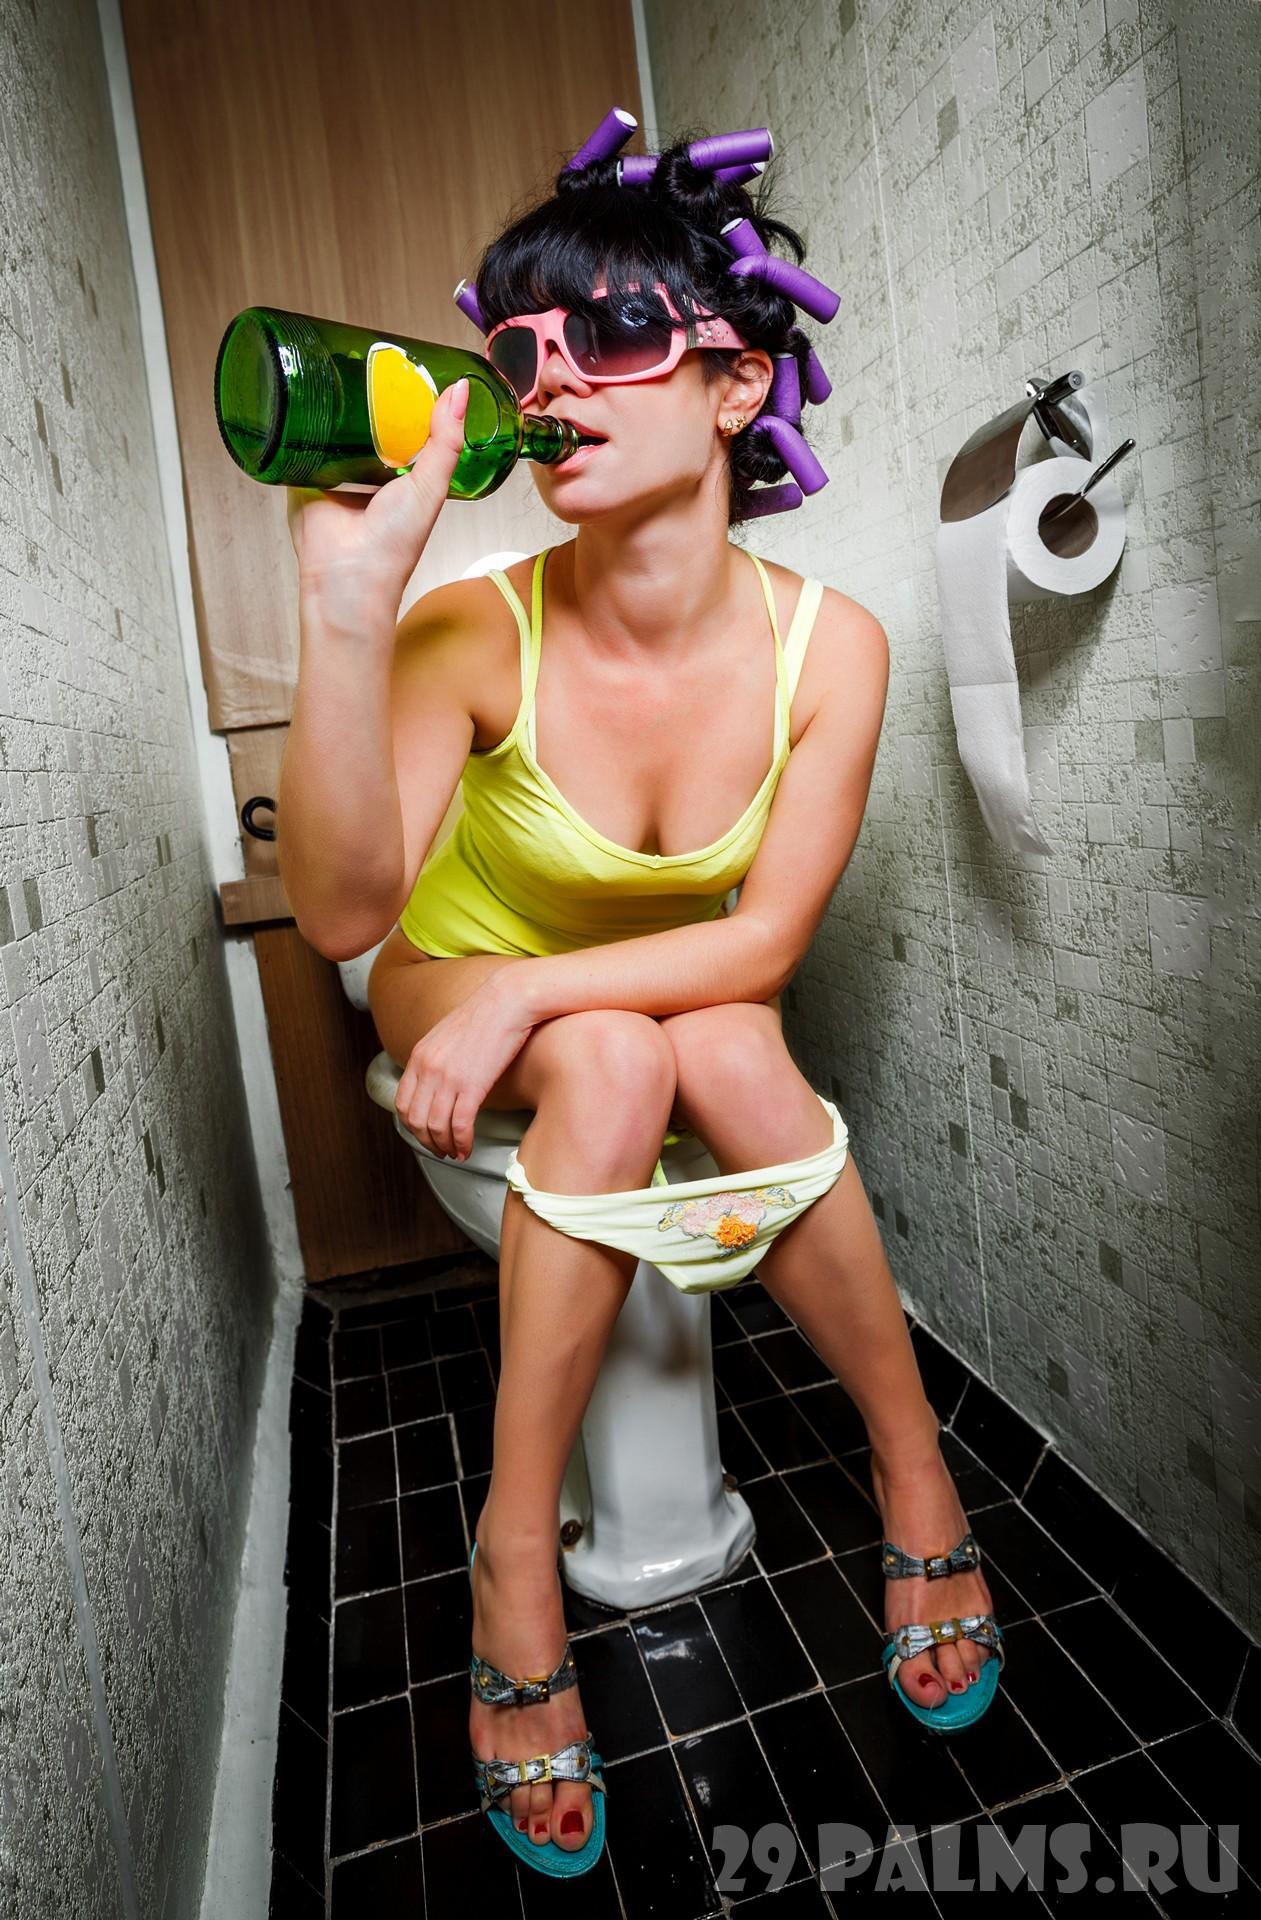 Туалет и девушки 7 фотография